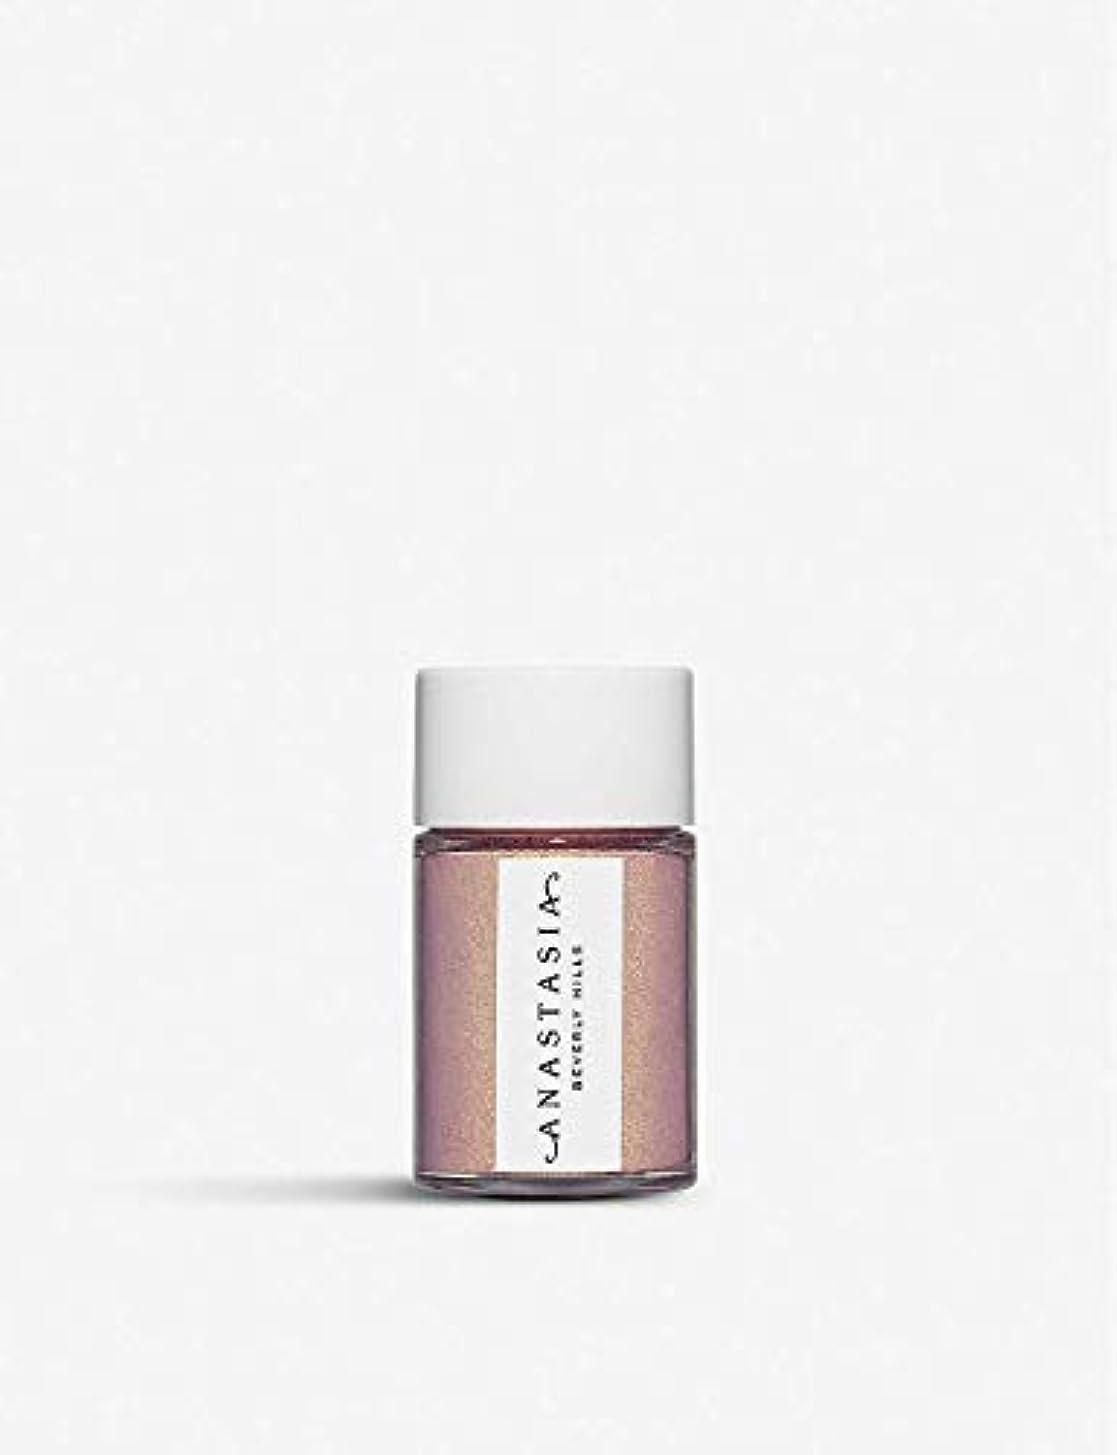 熱意ファランクス調整可能Loose Pigment 6g ルースピグメント アイシャドー Daiquiri